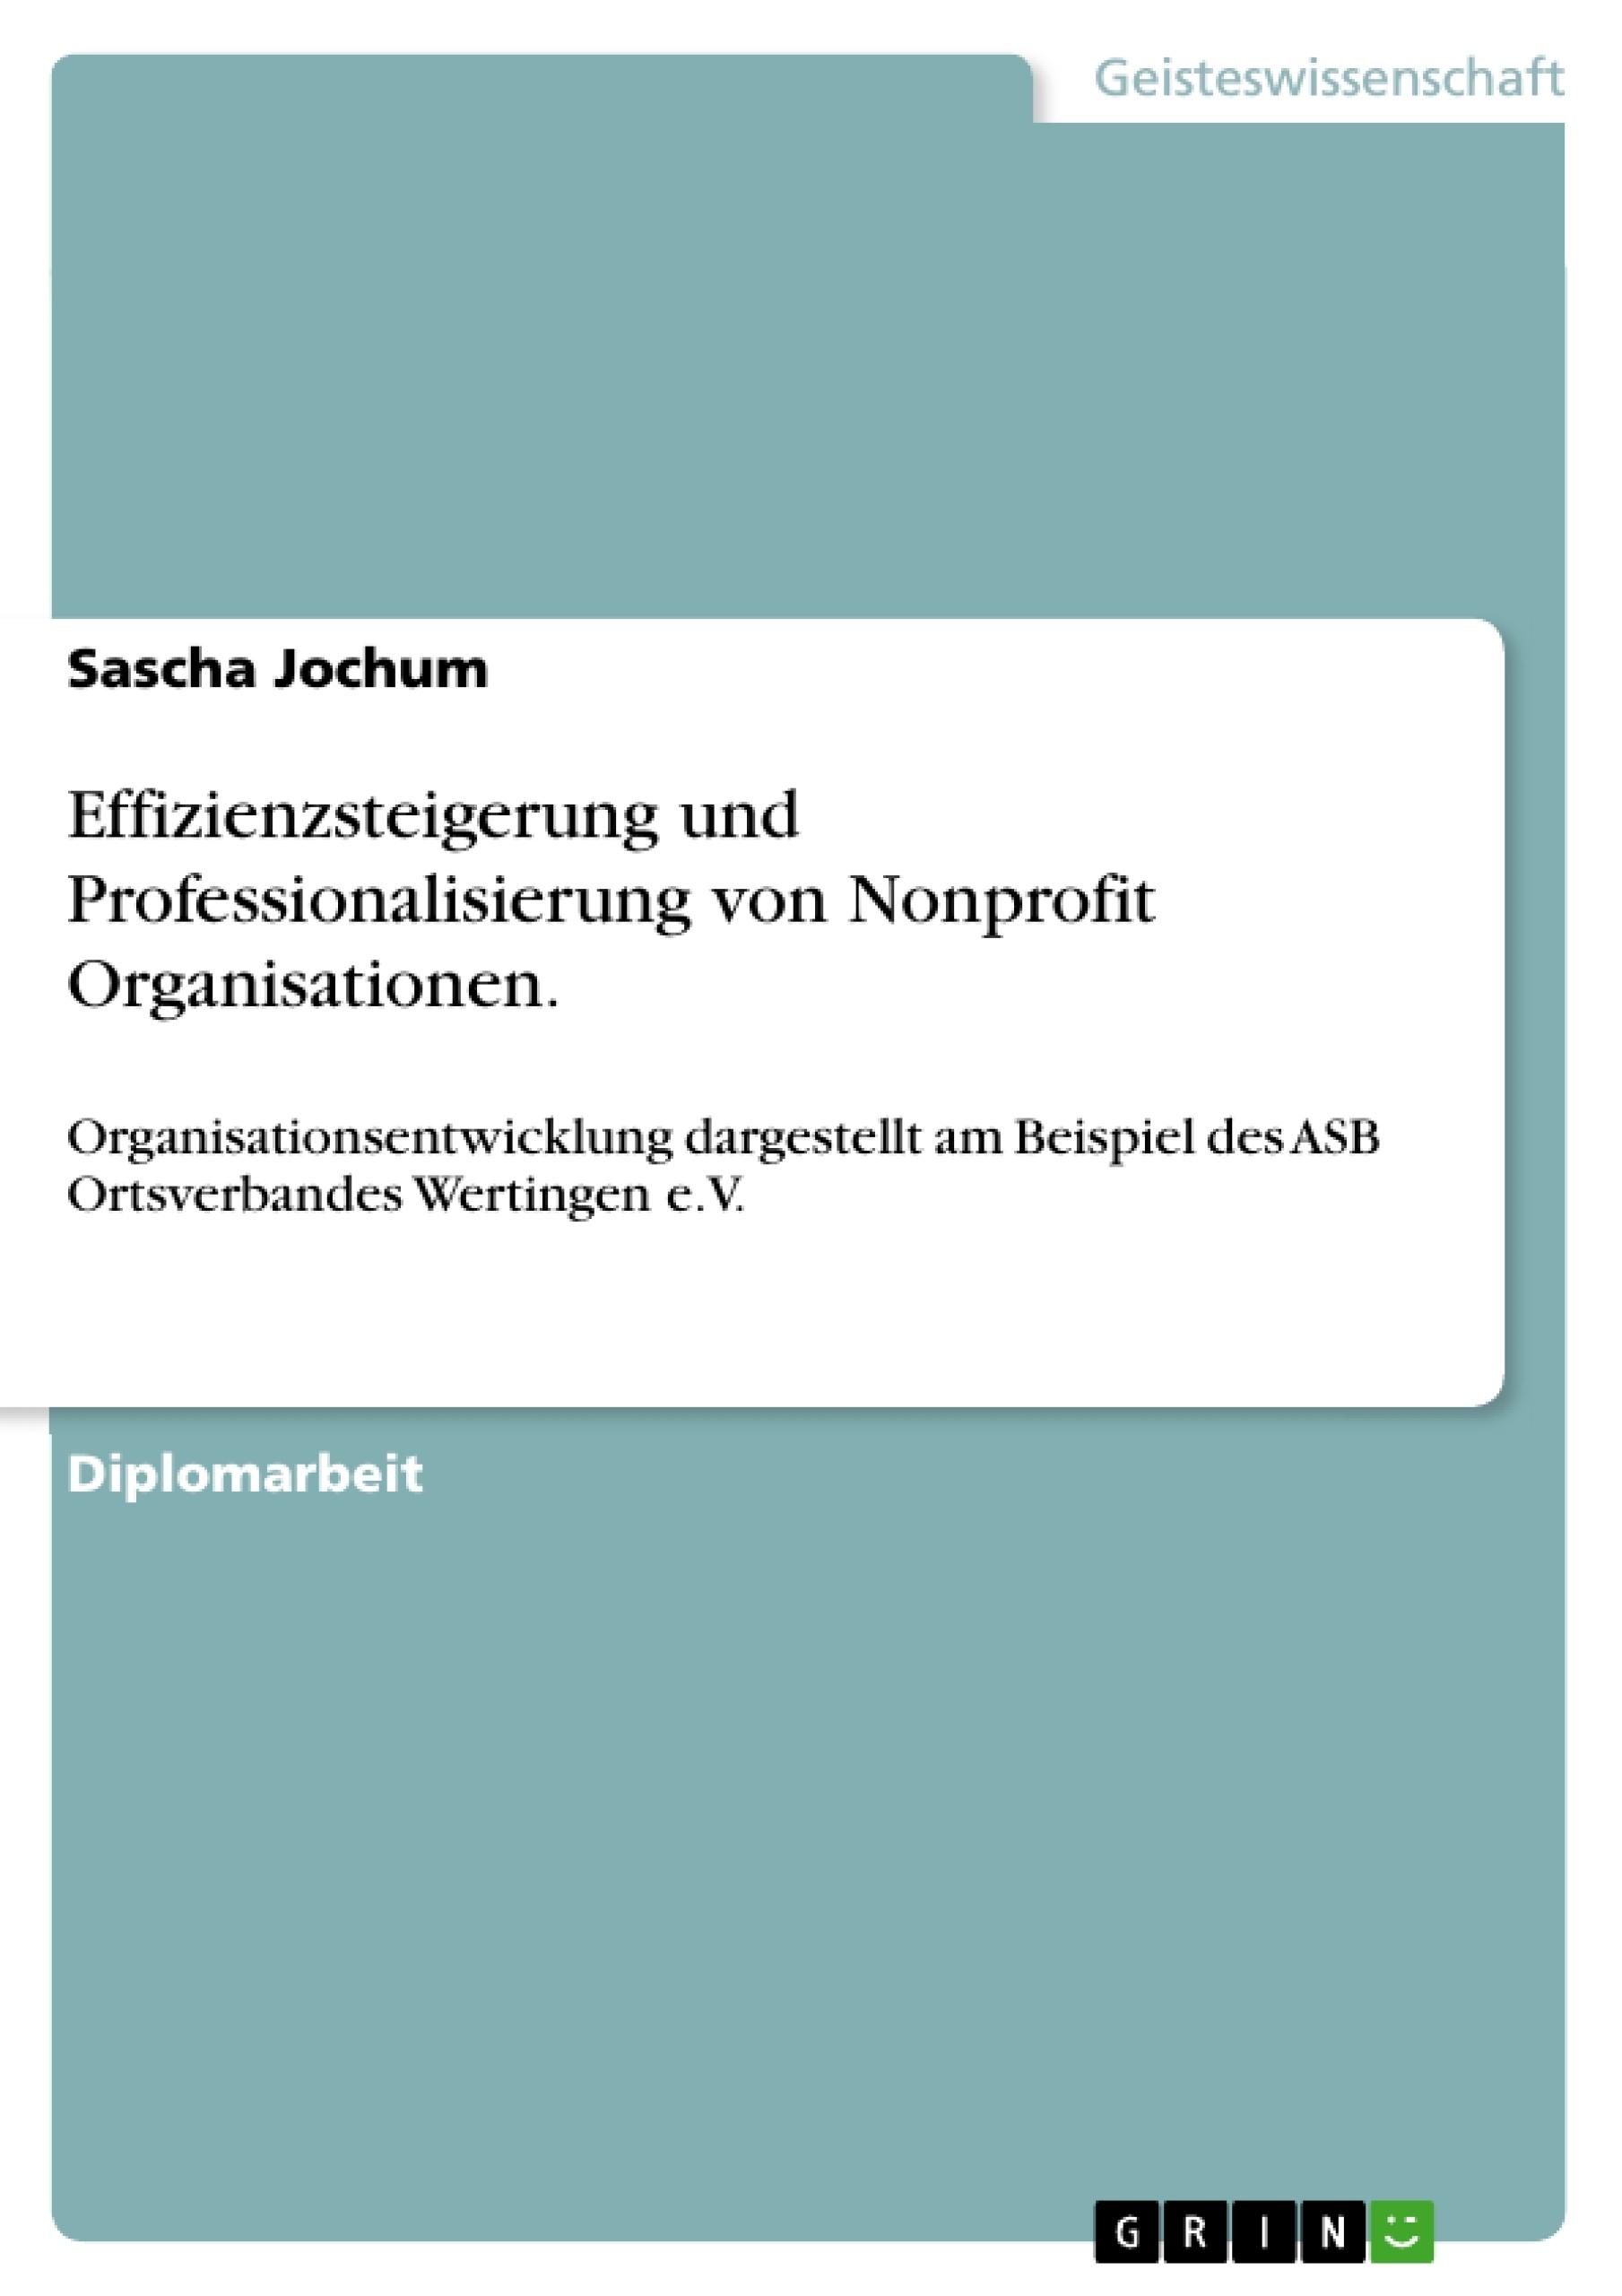 Titel: Effizienzsteigerung und Professionalisierung von Nonprofit Organisationen.